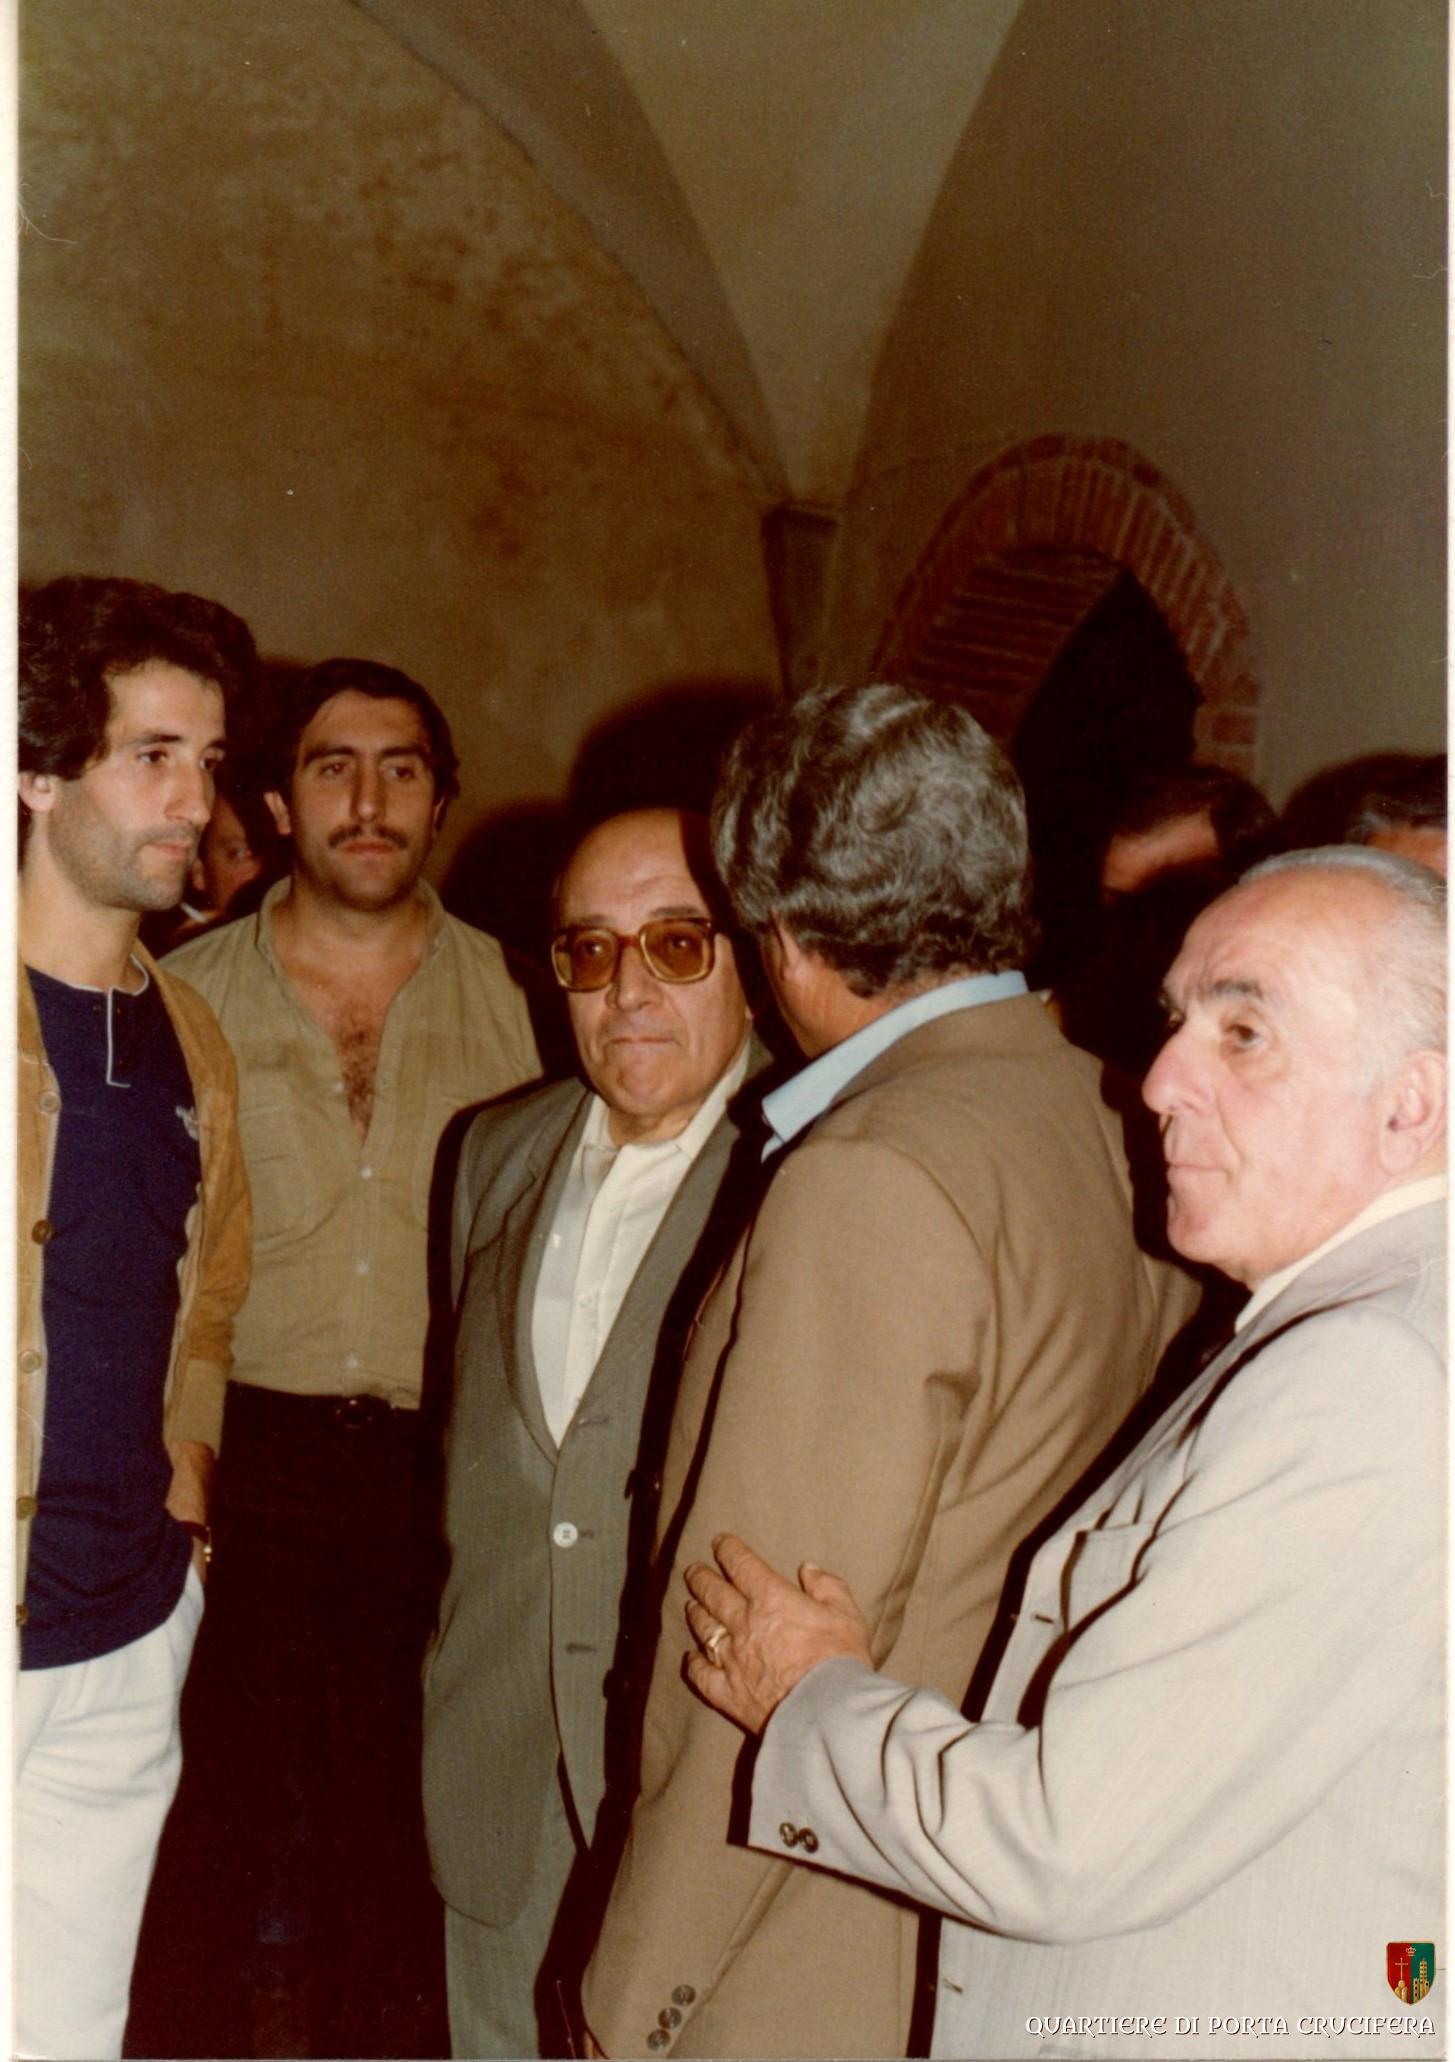 35 - 1981 inaugurazione delle nuove scuderie - Sindaco Ducci - Tonino Morelli - Aldo Verdelli